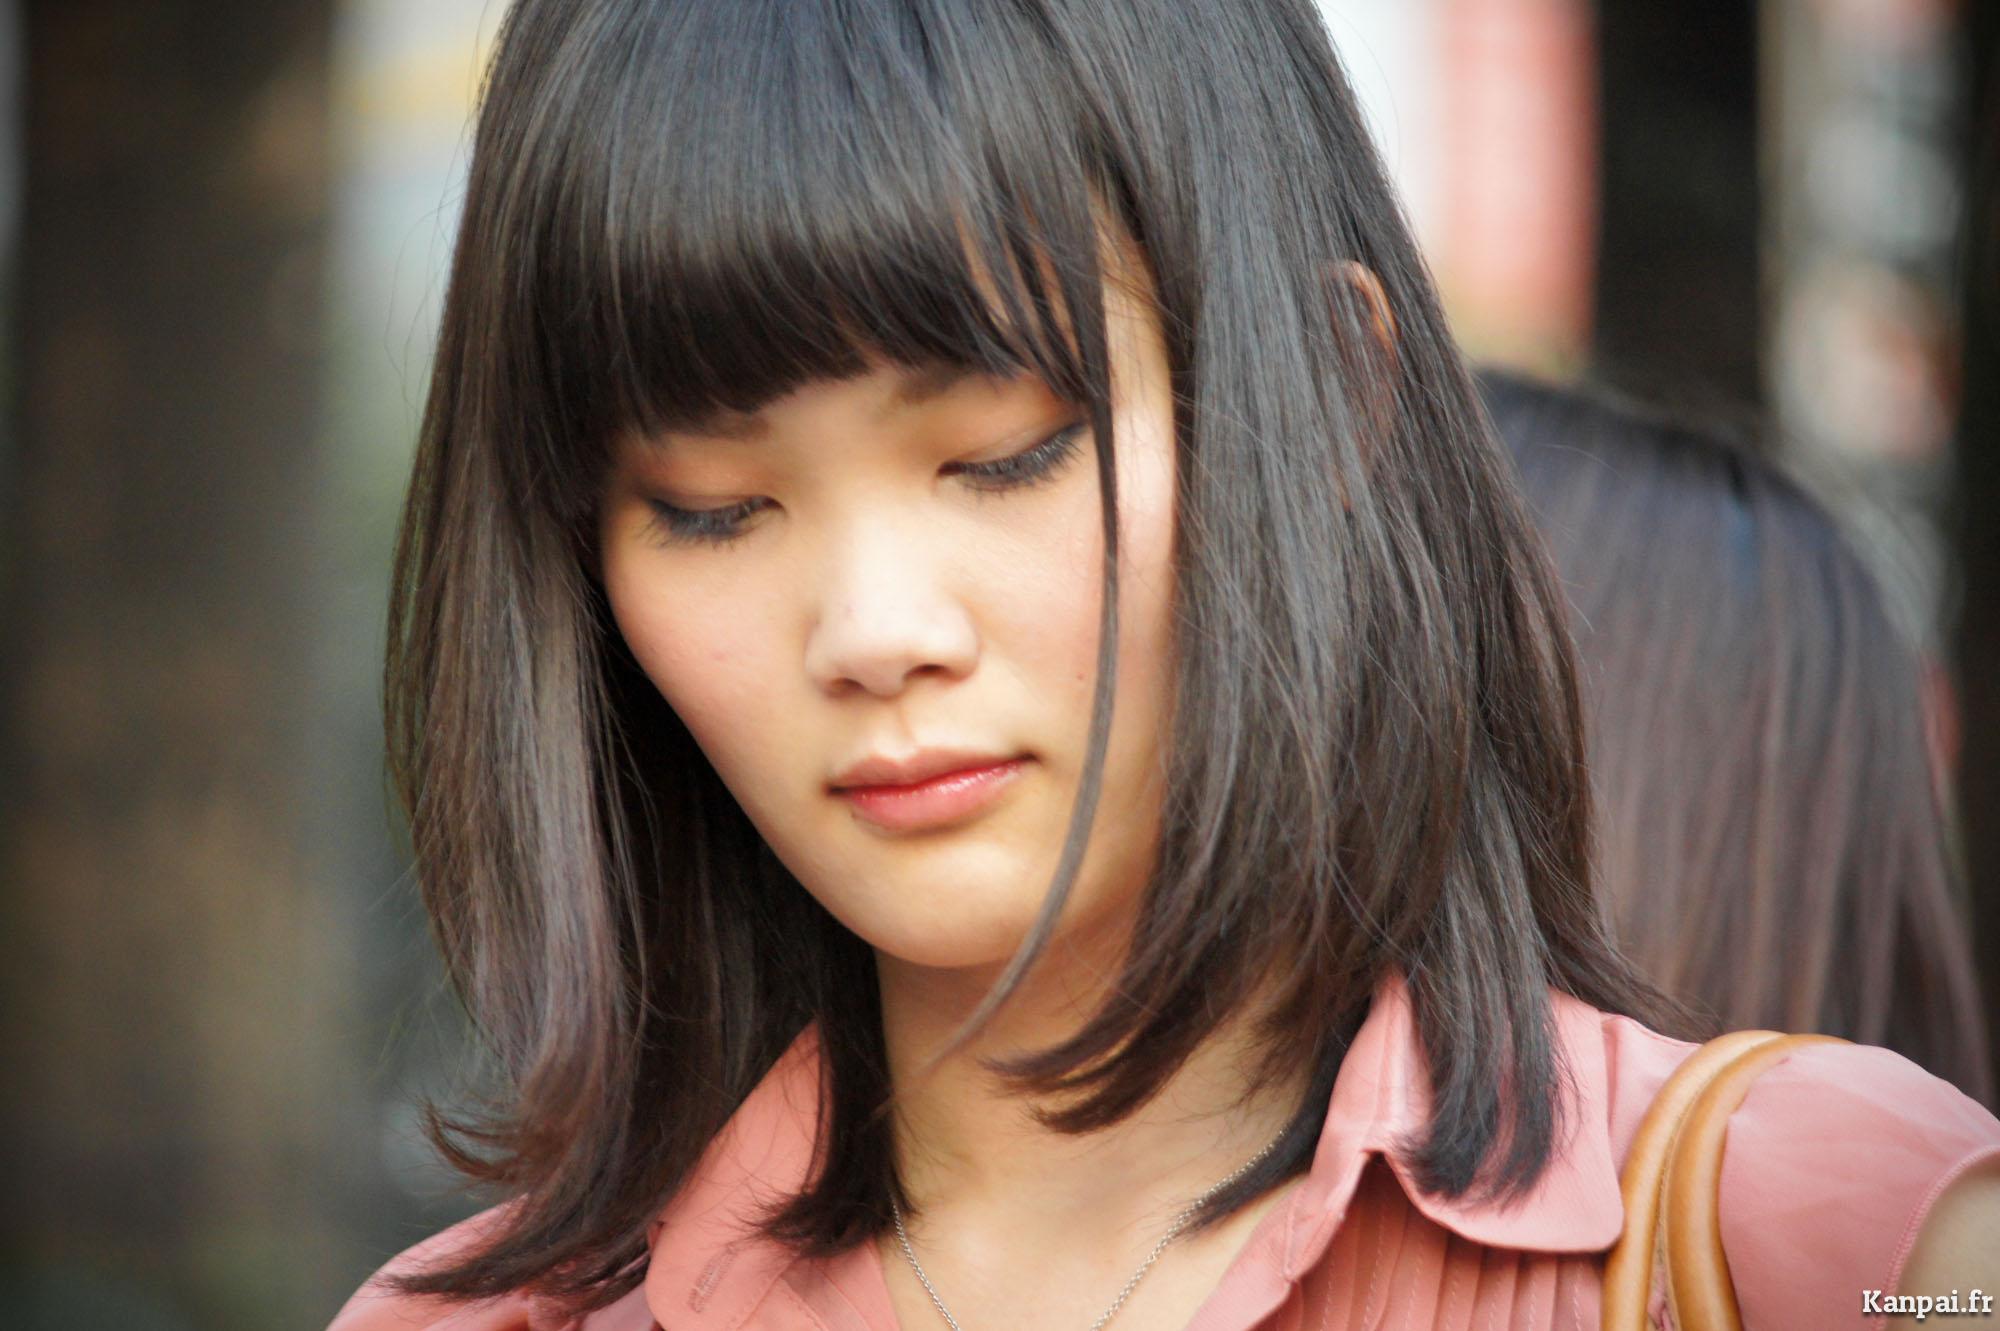 Vrais adolescents asiatiques en japonais